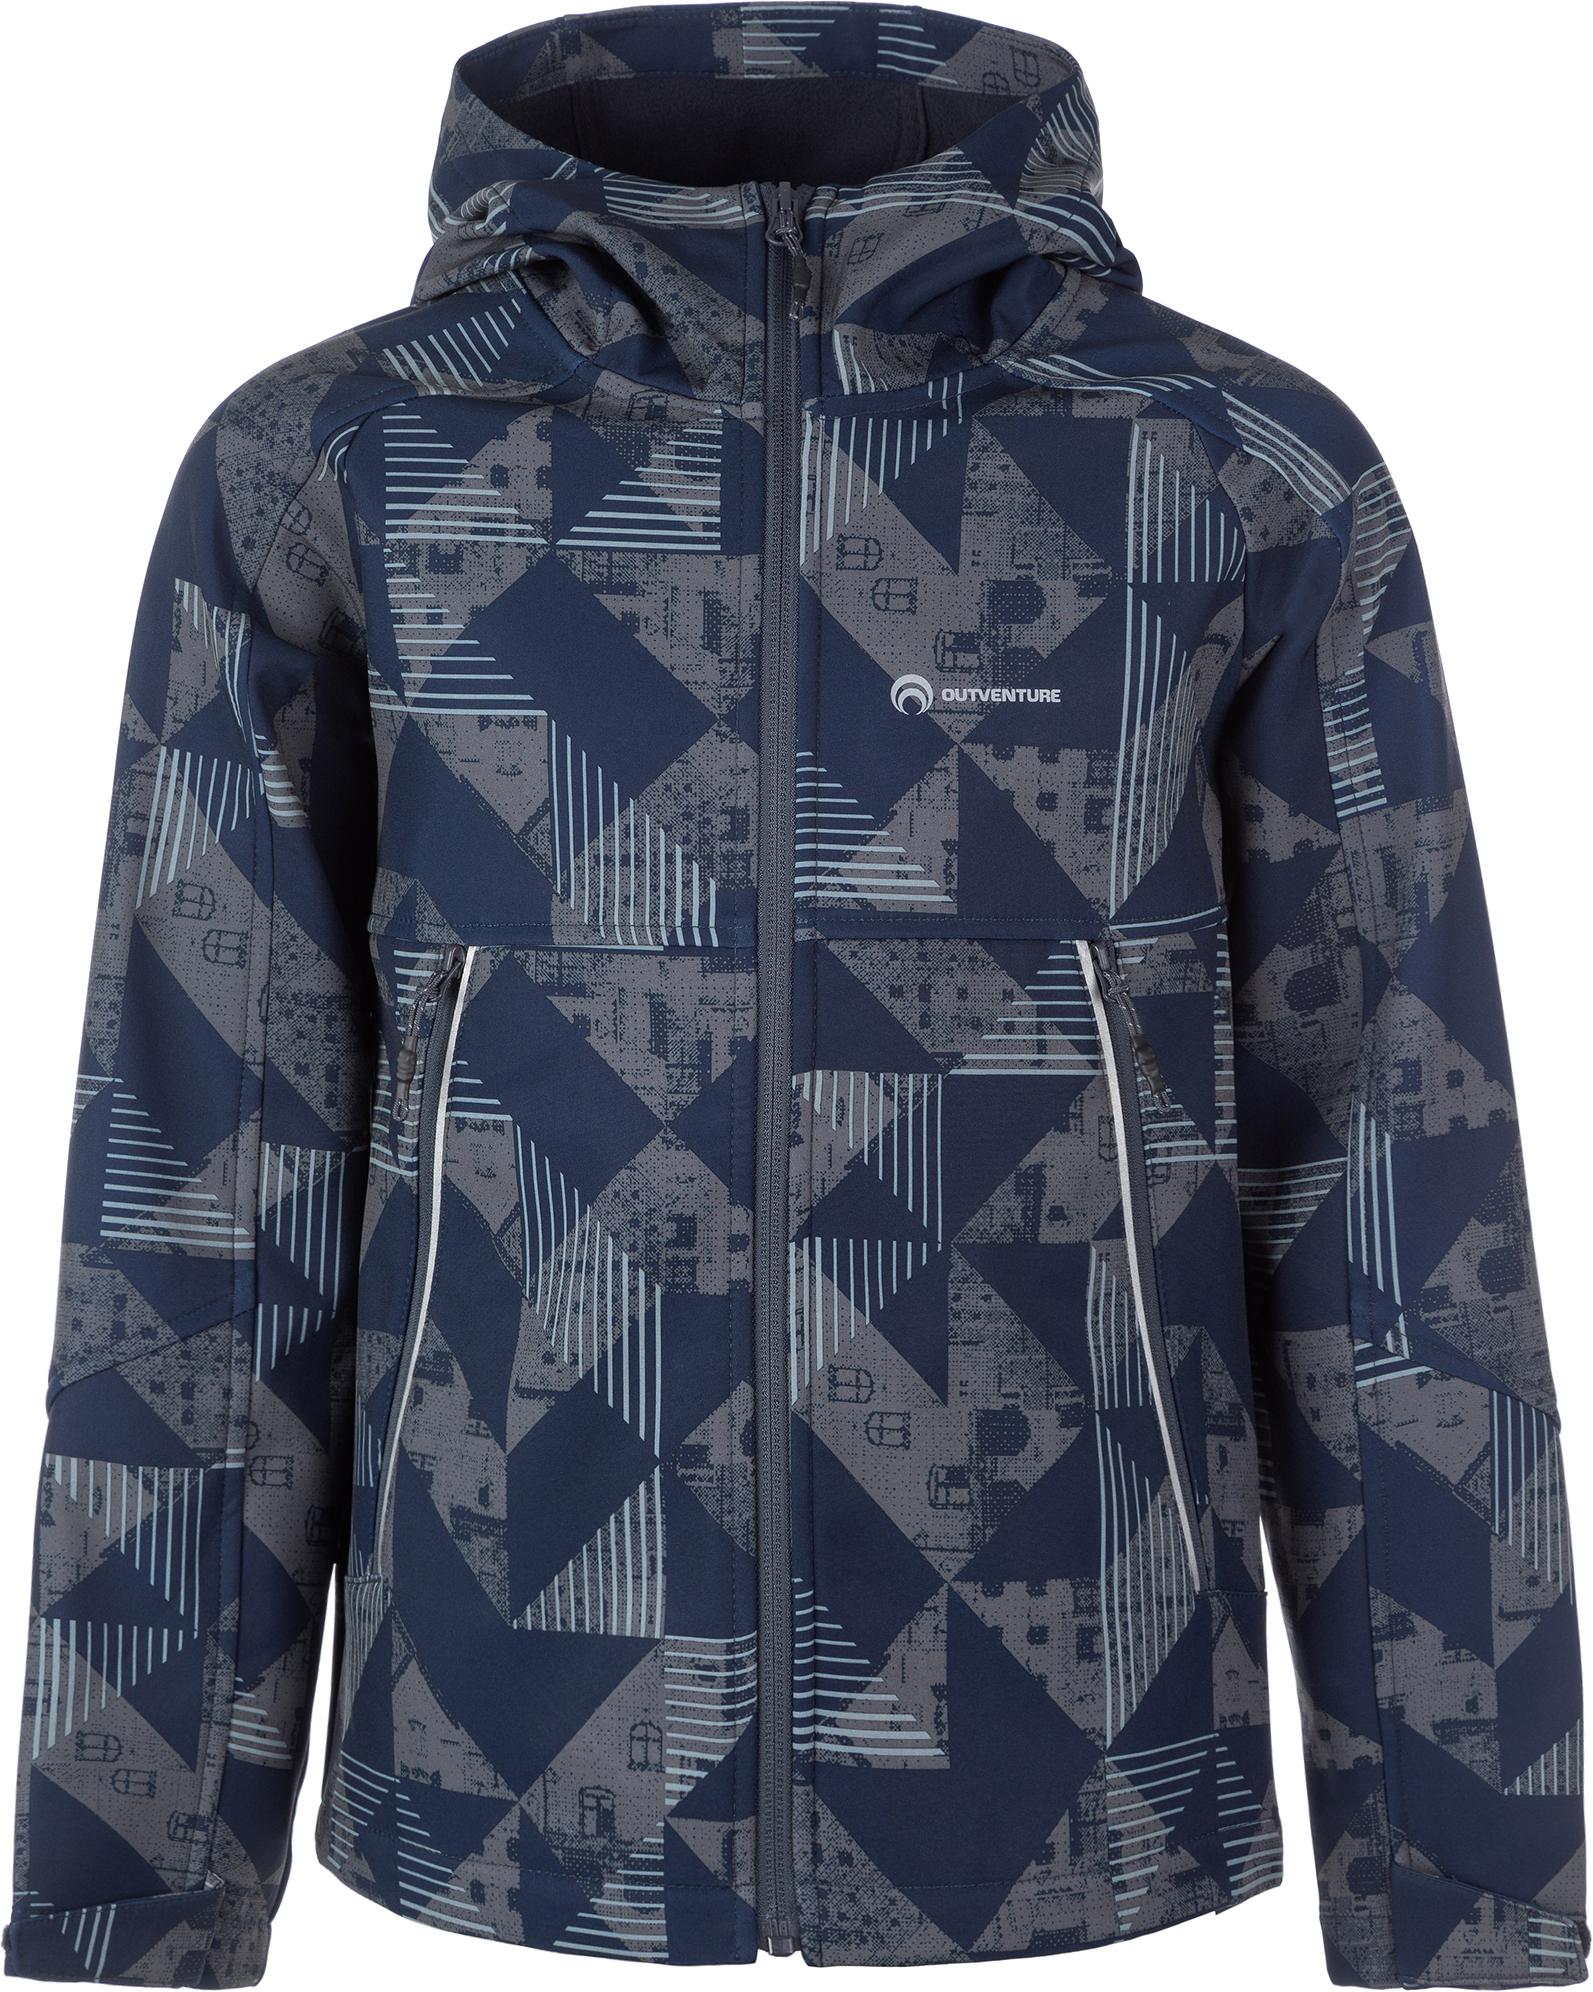 Outventure Куртка для мальчиков Outventure, размер 170 куртка женская oodji ultra цвет бежевый 10304291 19781 3300n размер 34 170 40 170